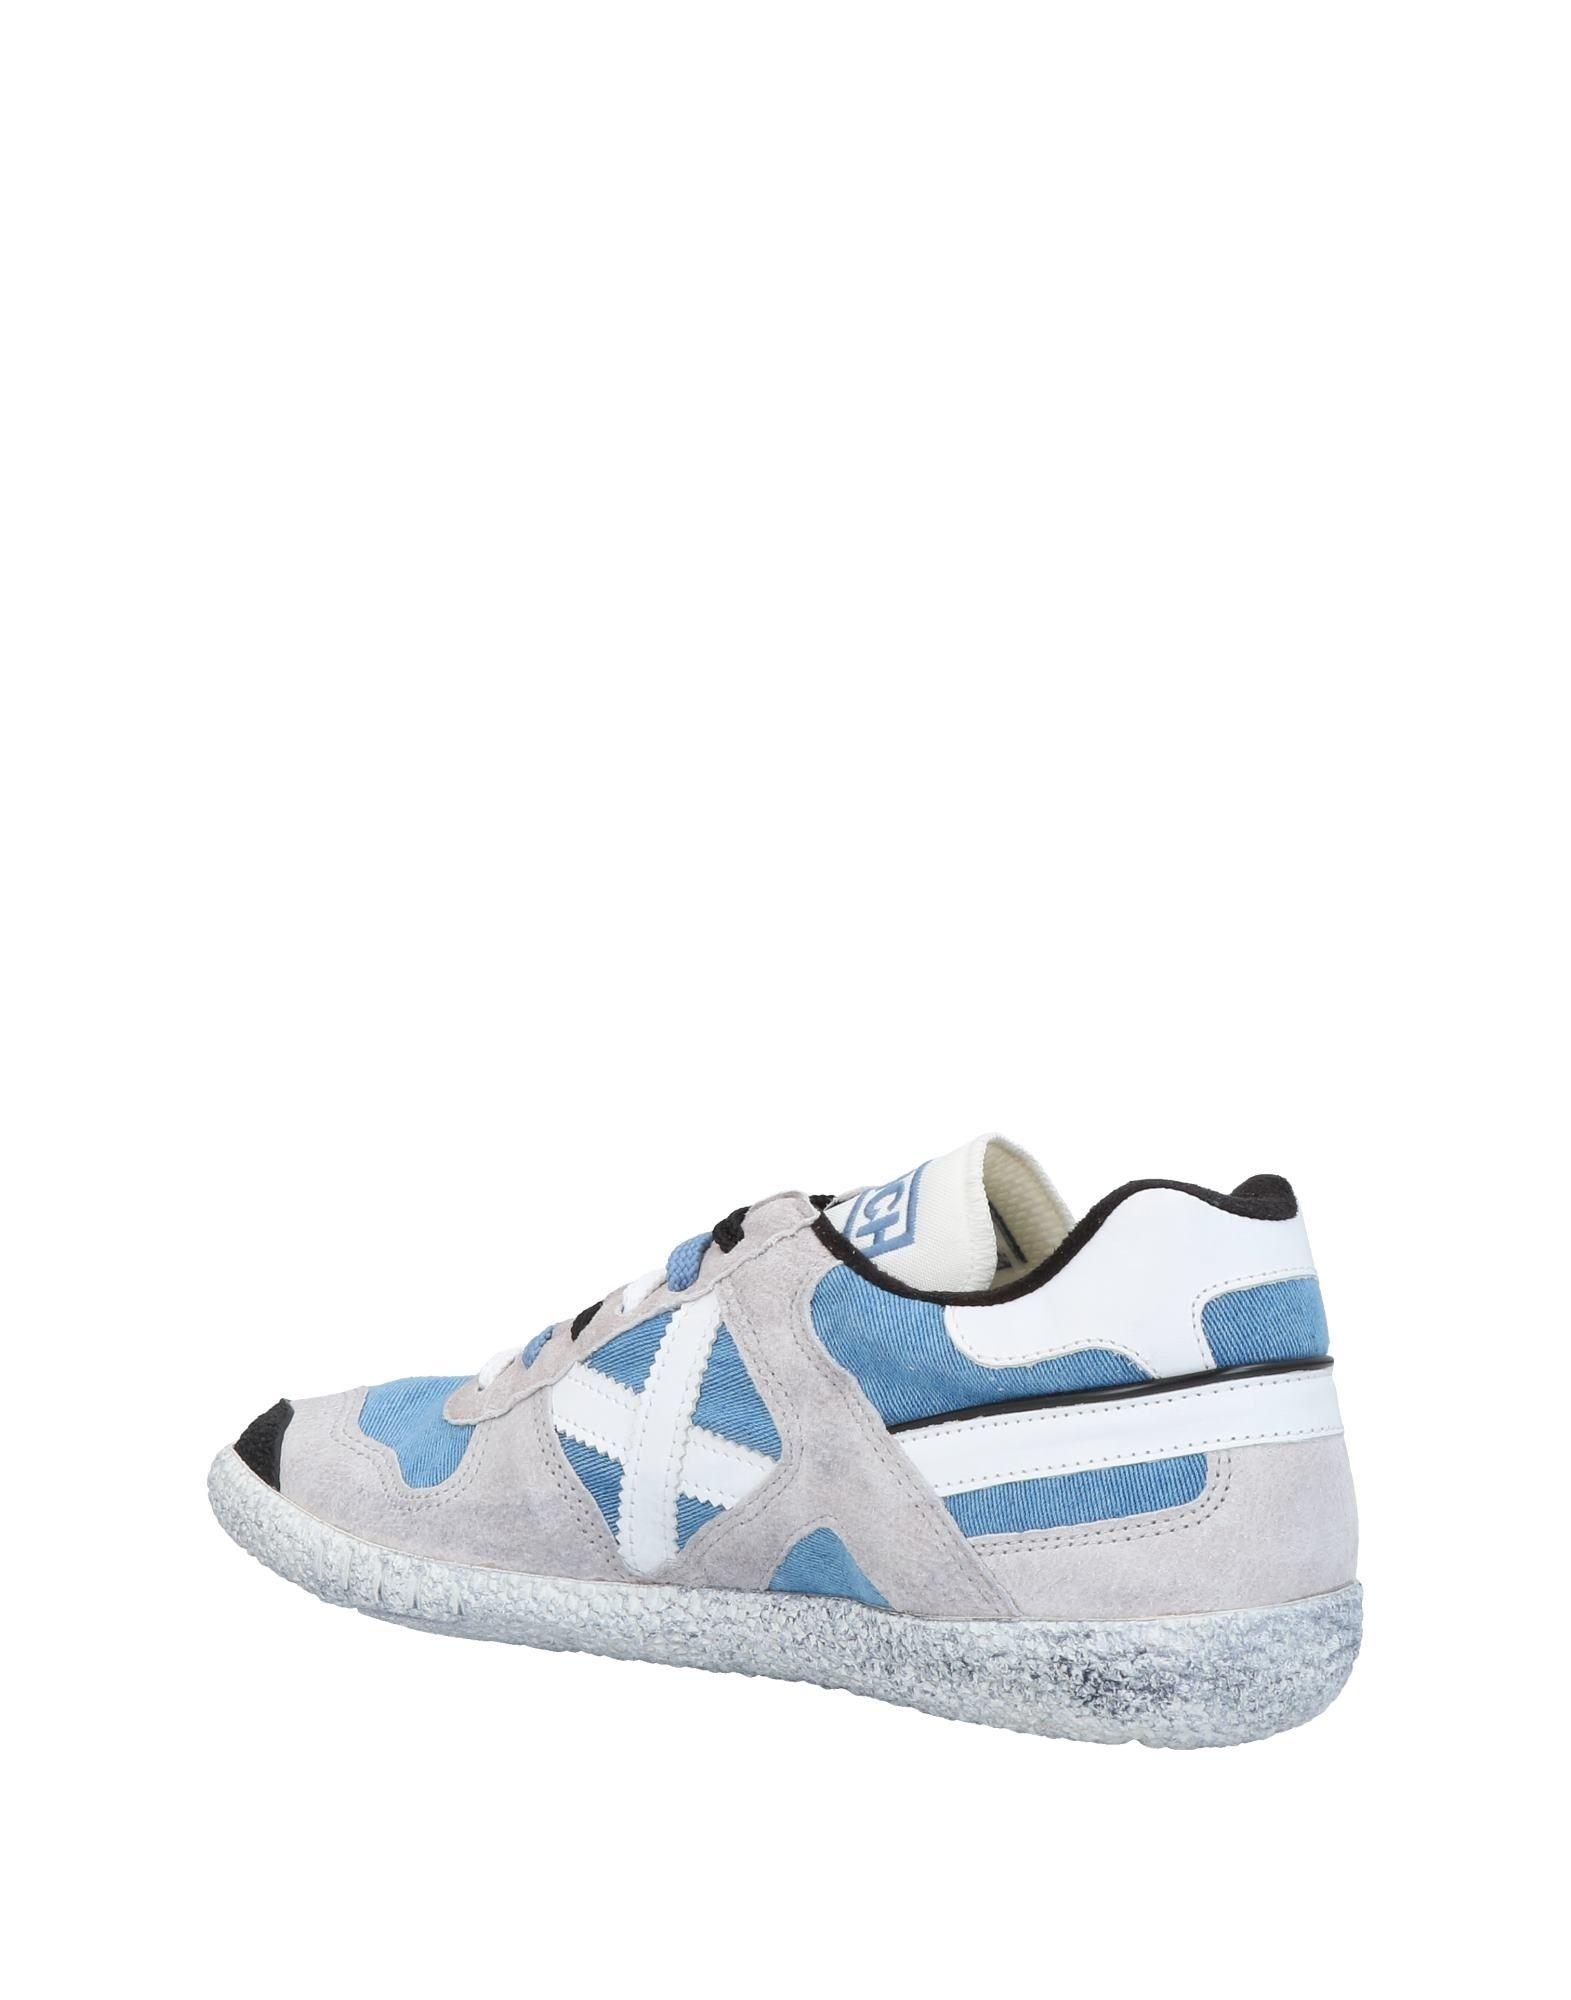 Munich Sneakers Herren   Herren 11454855LL aea651